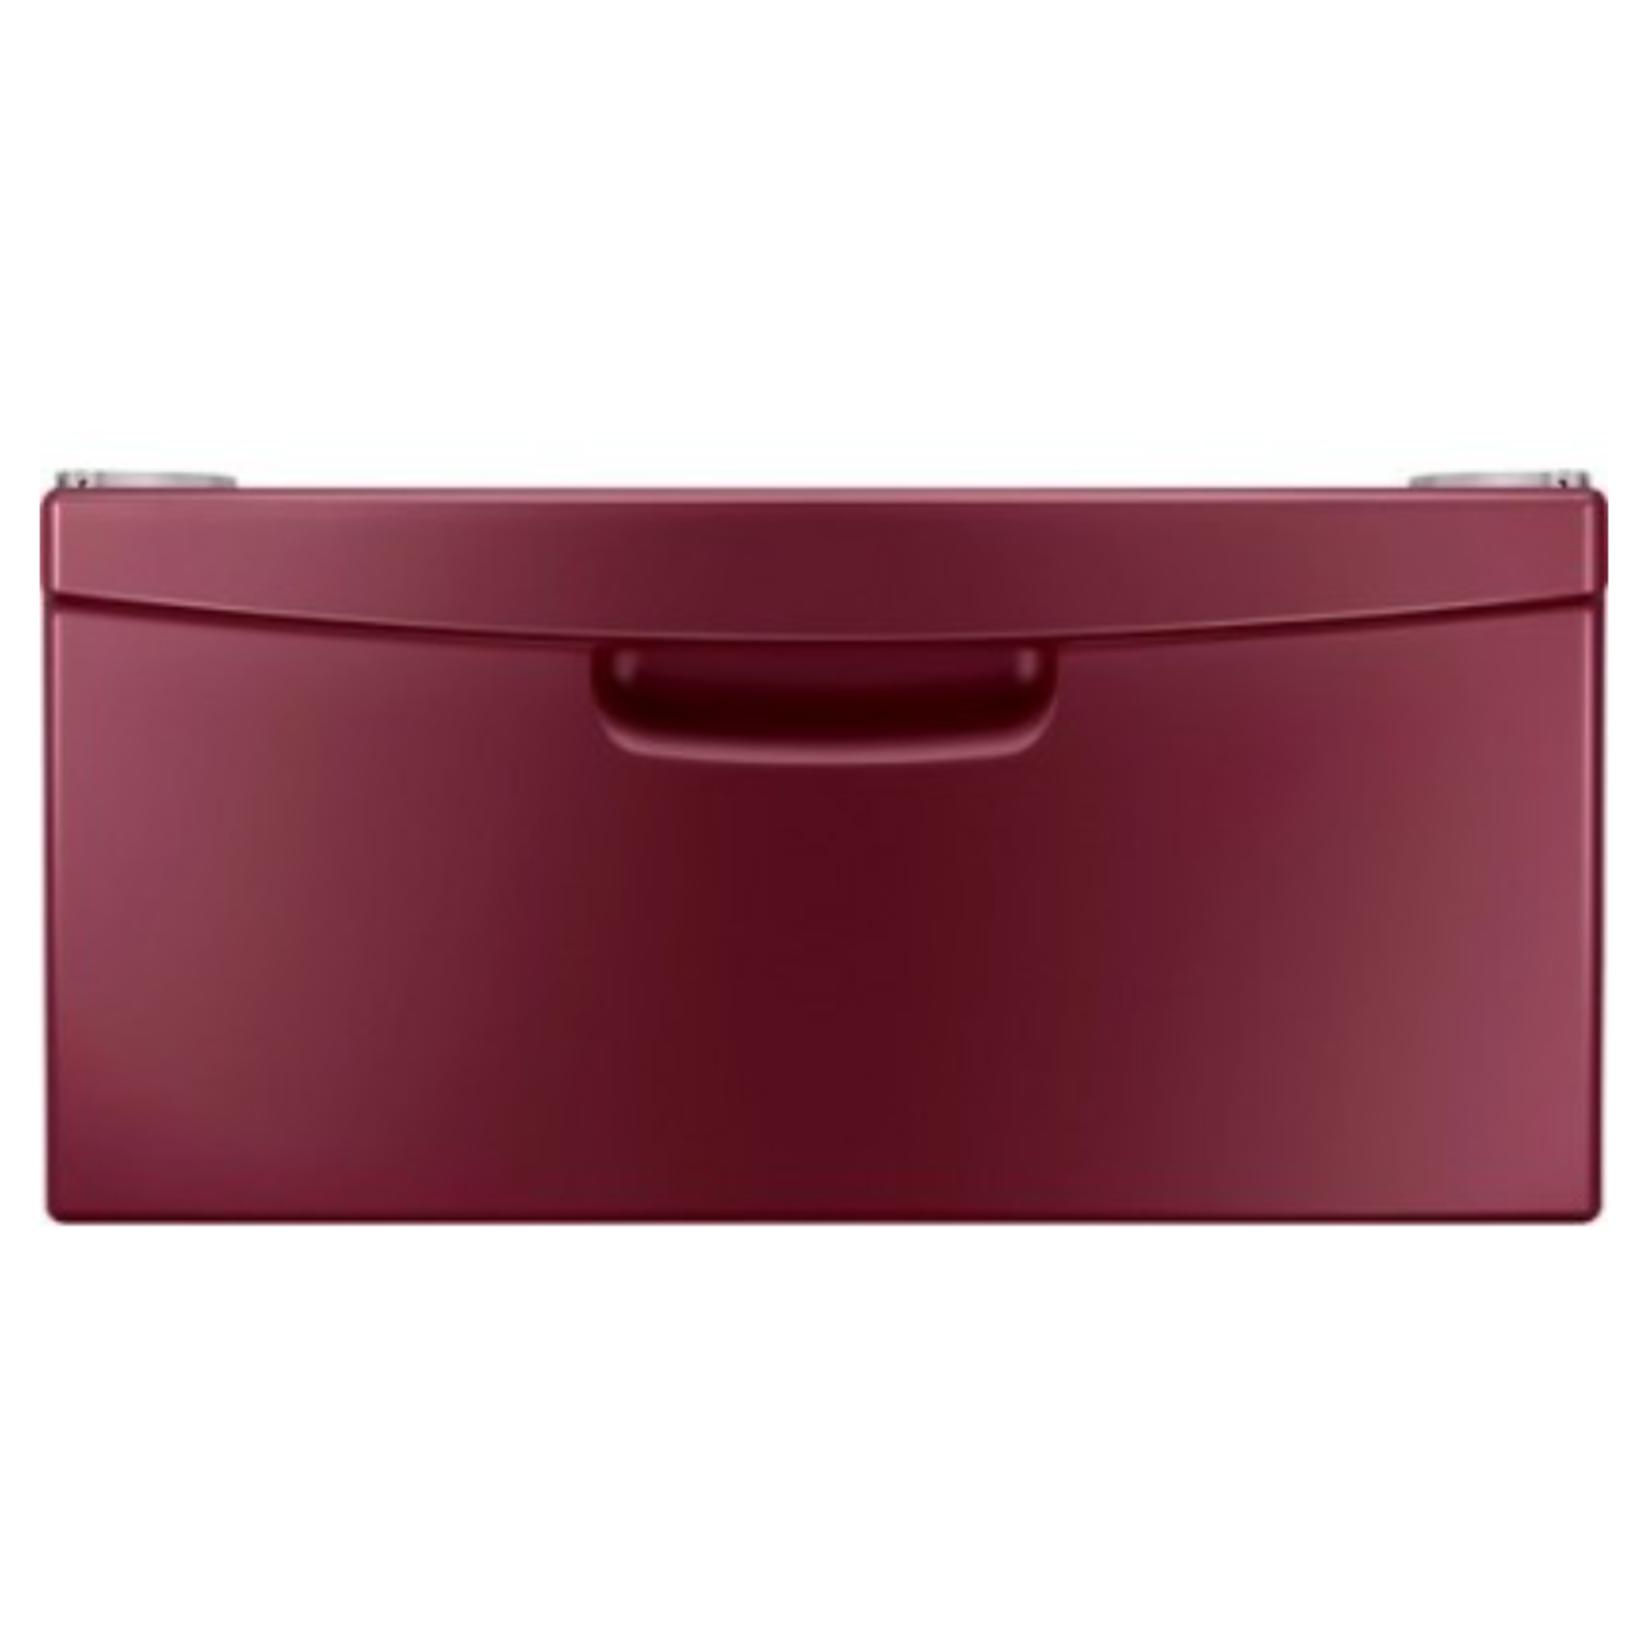 10403 Samsung Merlot Washer/Dryer Pedestal